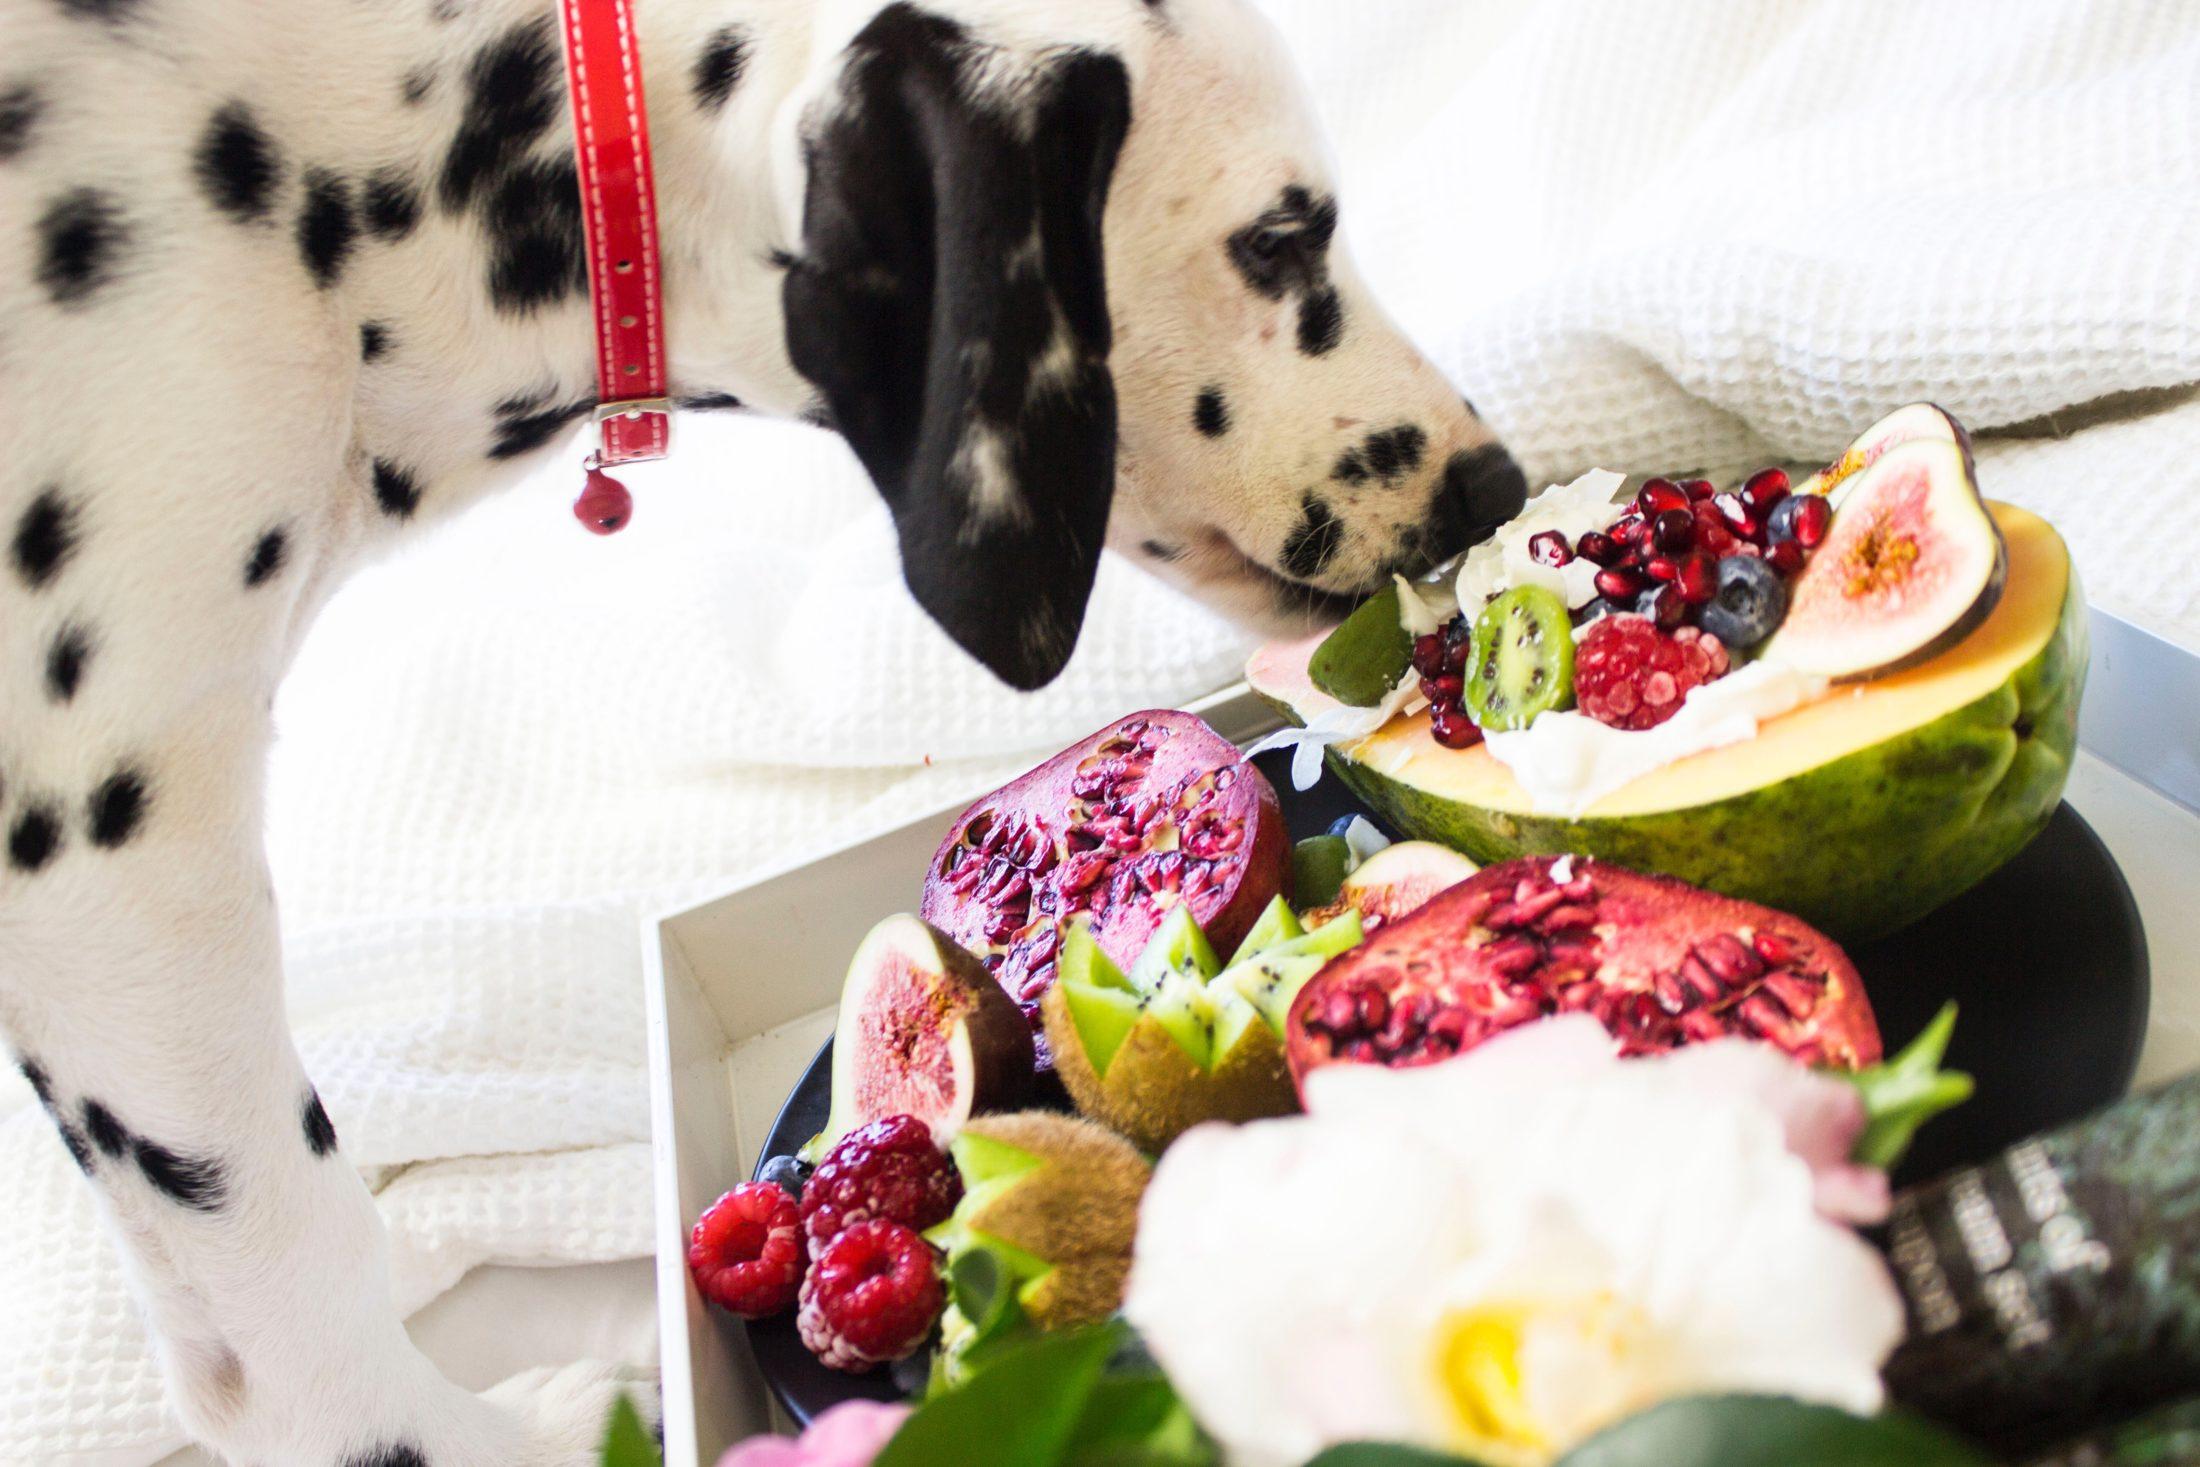 cachorro faminto comendo vegetais